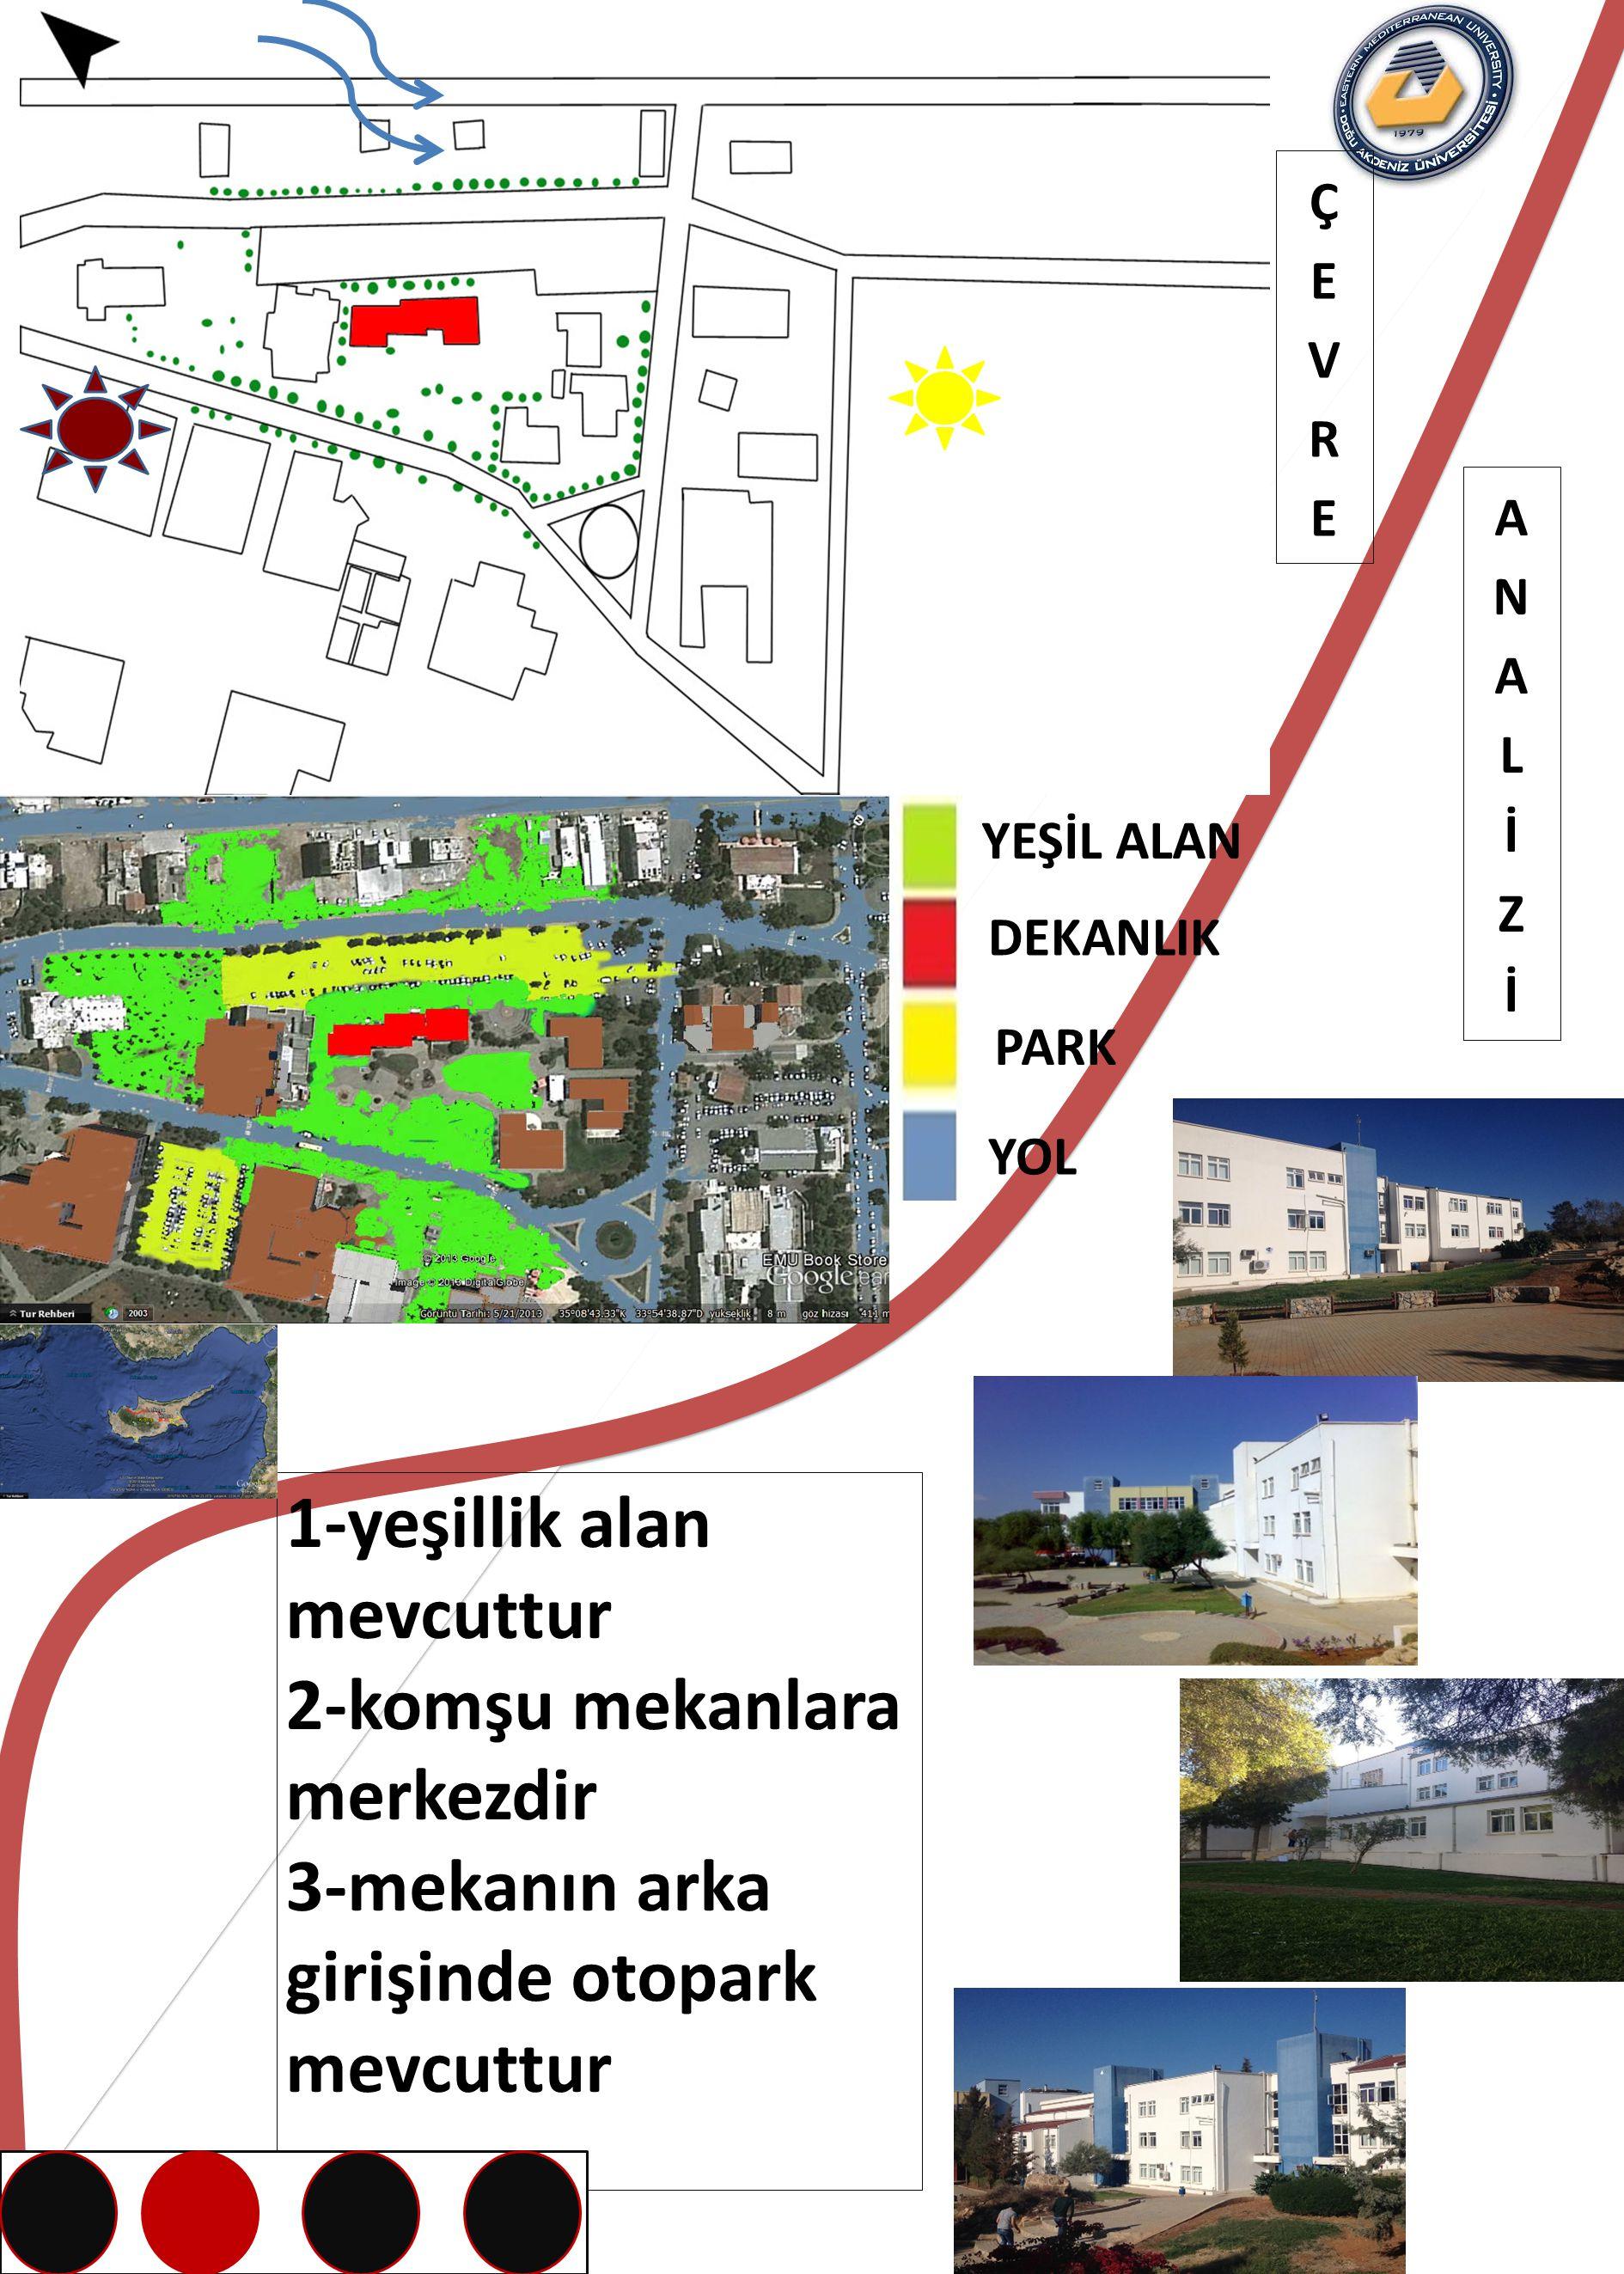 1-yeşillik alan mevcuttur 2-komşu mekanlara merkezdir 3-mekanın arka girişinde otopark mevcuttur YEŞİL ALAN DEKANLIK PARK YOL